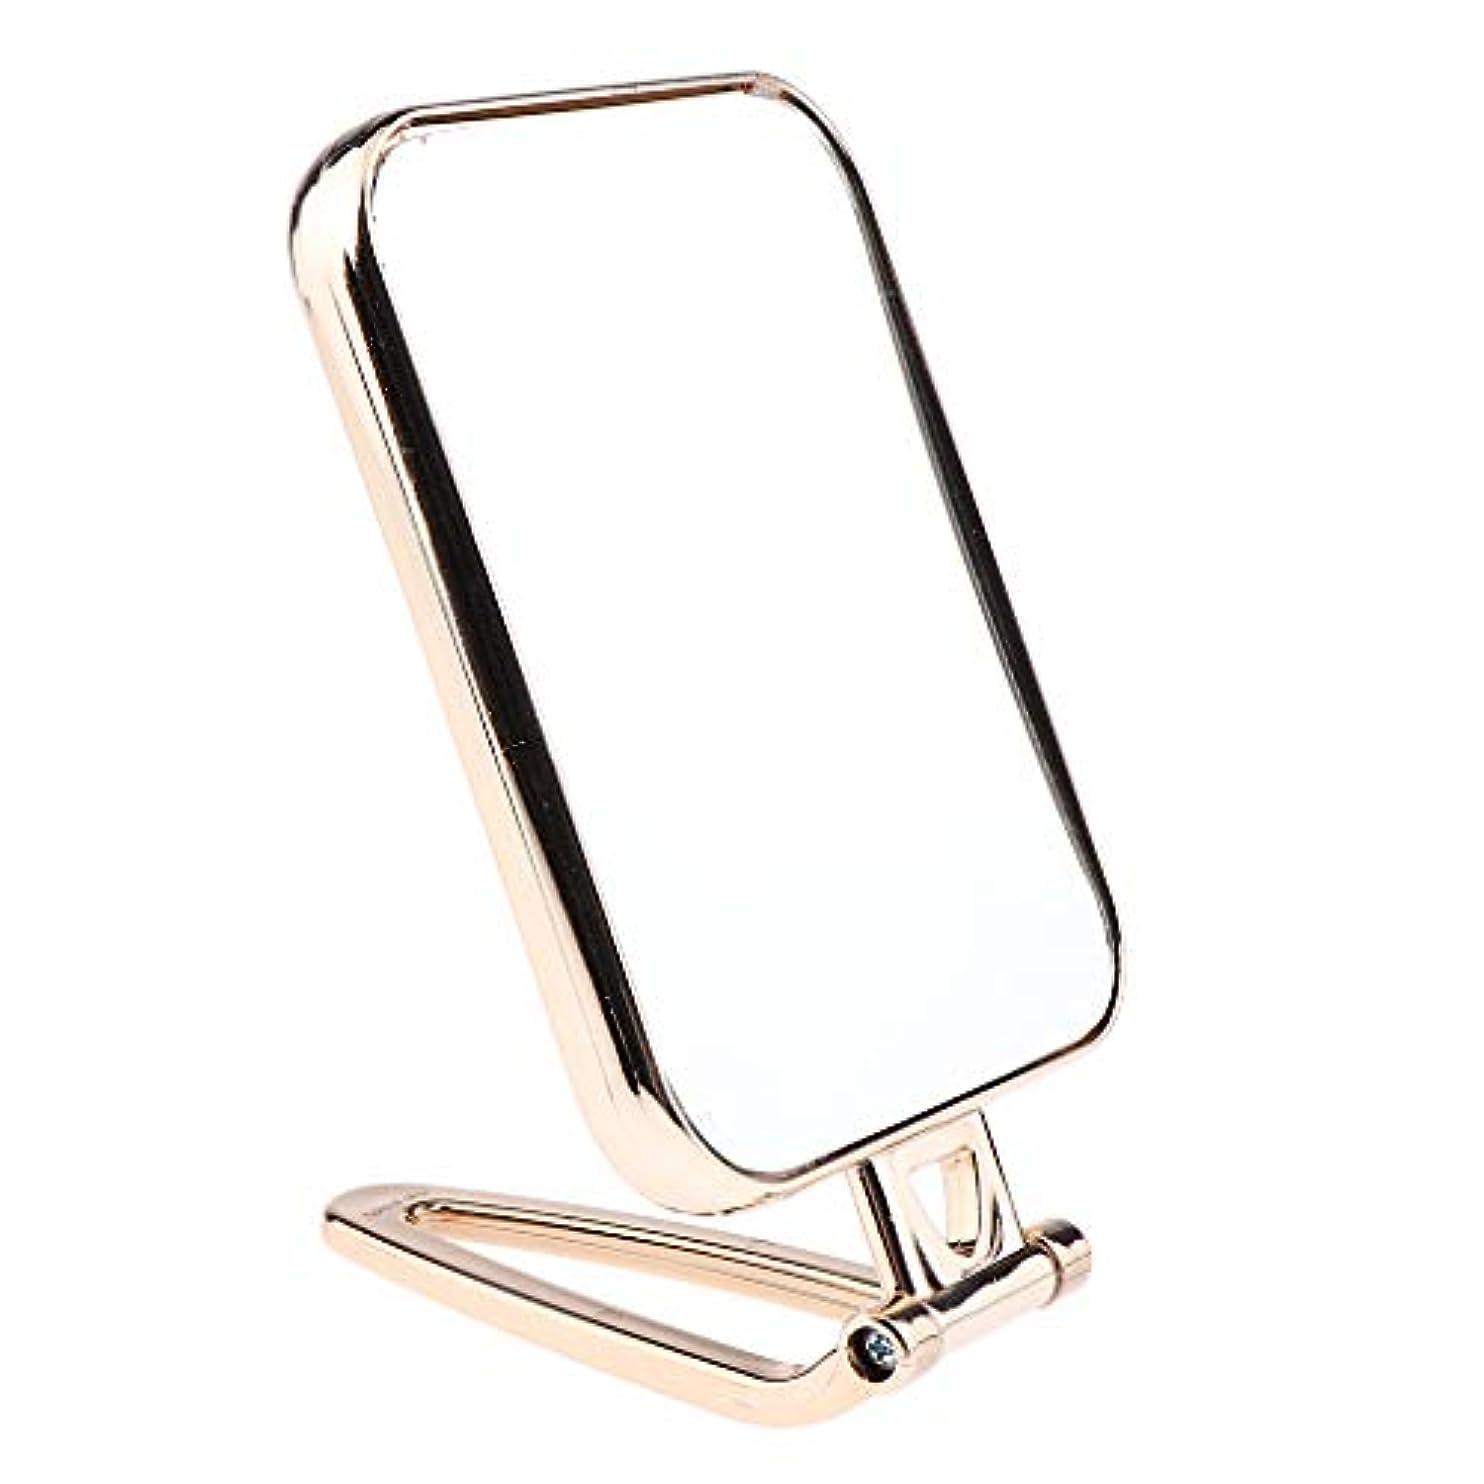 乗り出すひそかに考案するメイクアップミラー 折りたたみ ポータブル 洗面台 卓上 旅行 コンパクトミラー 2タイプ選べ - ゴールド